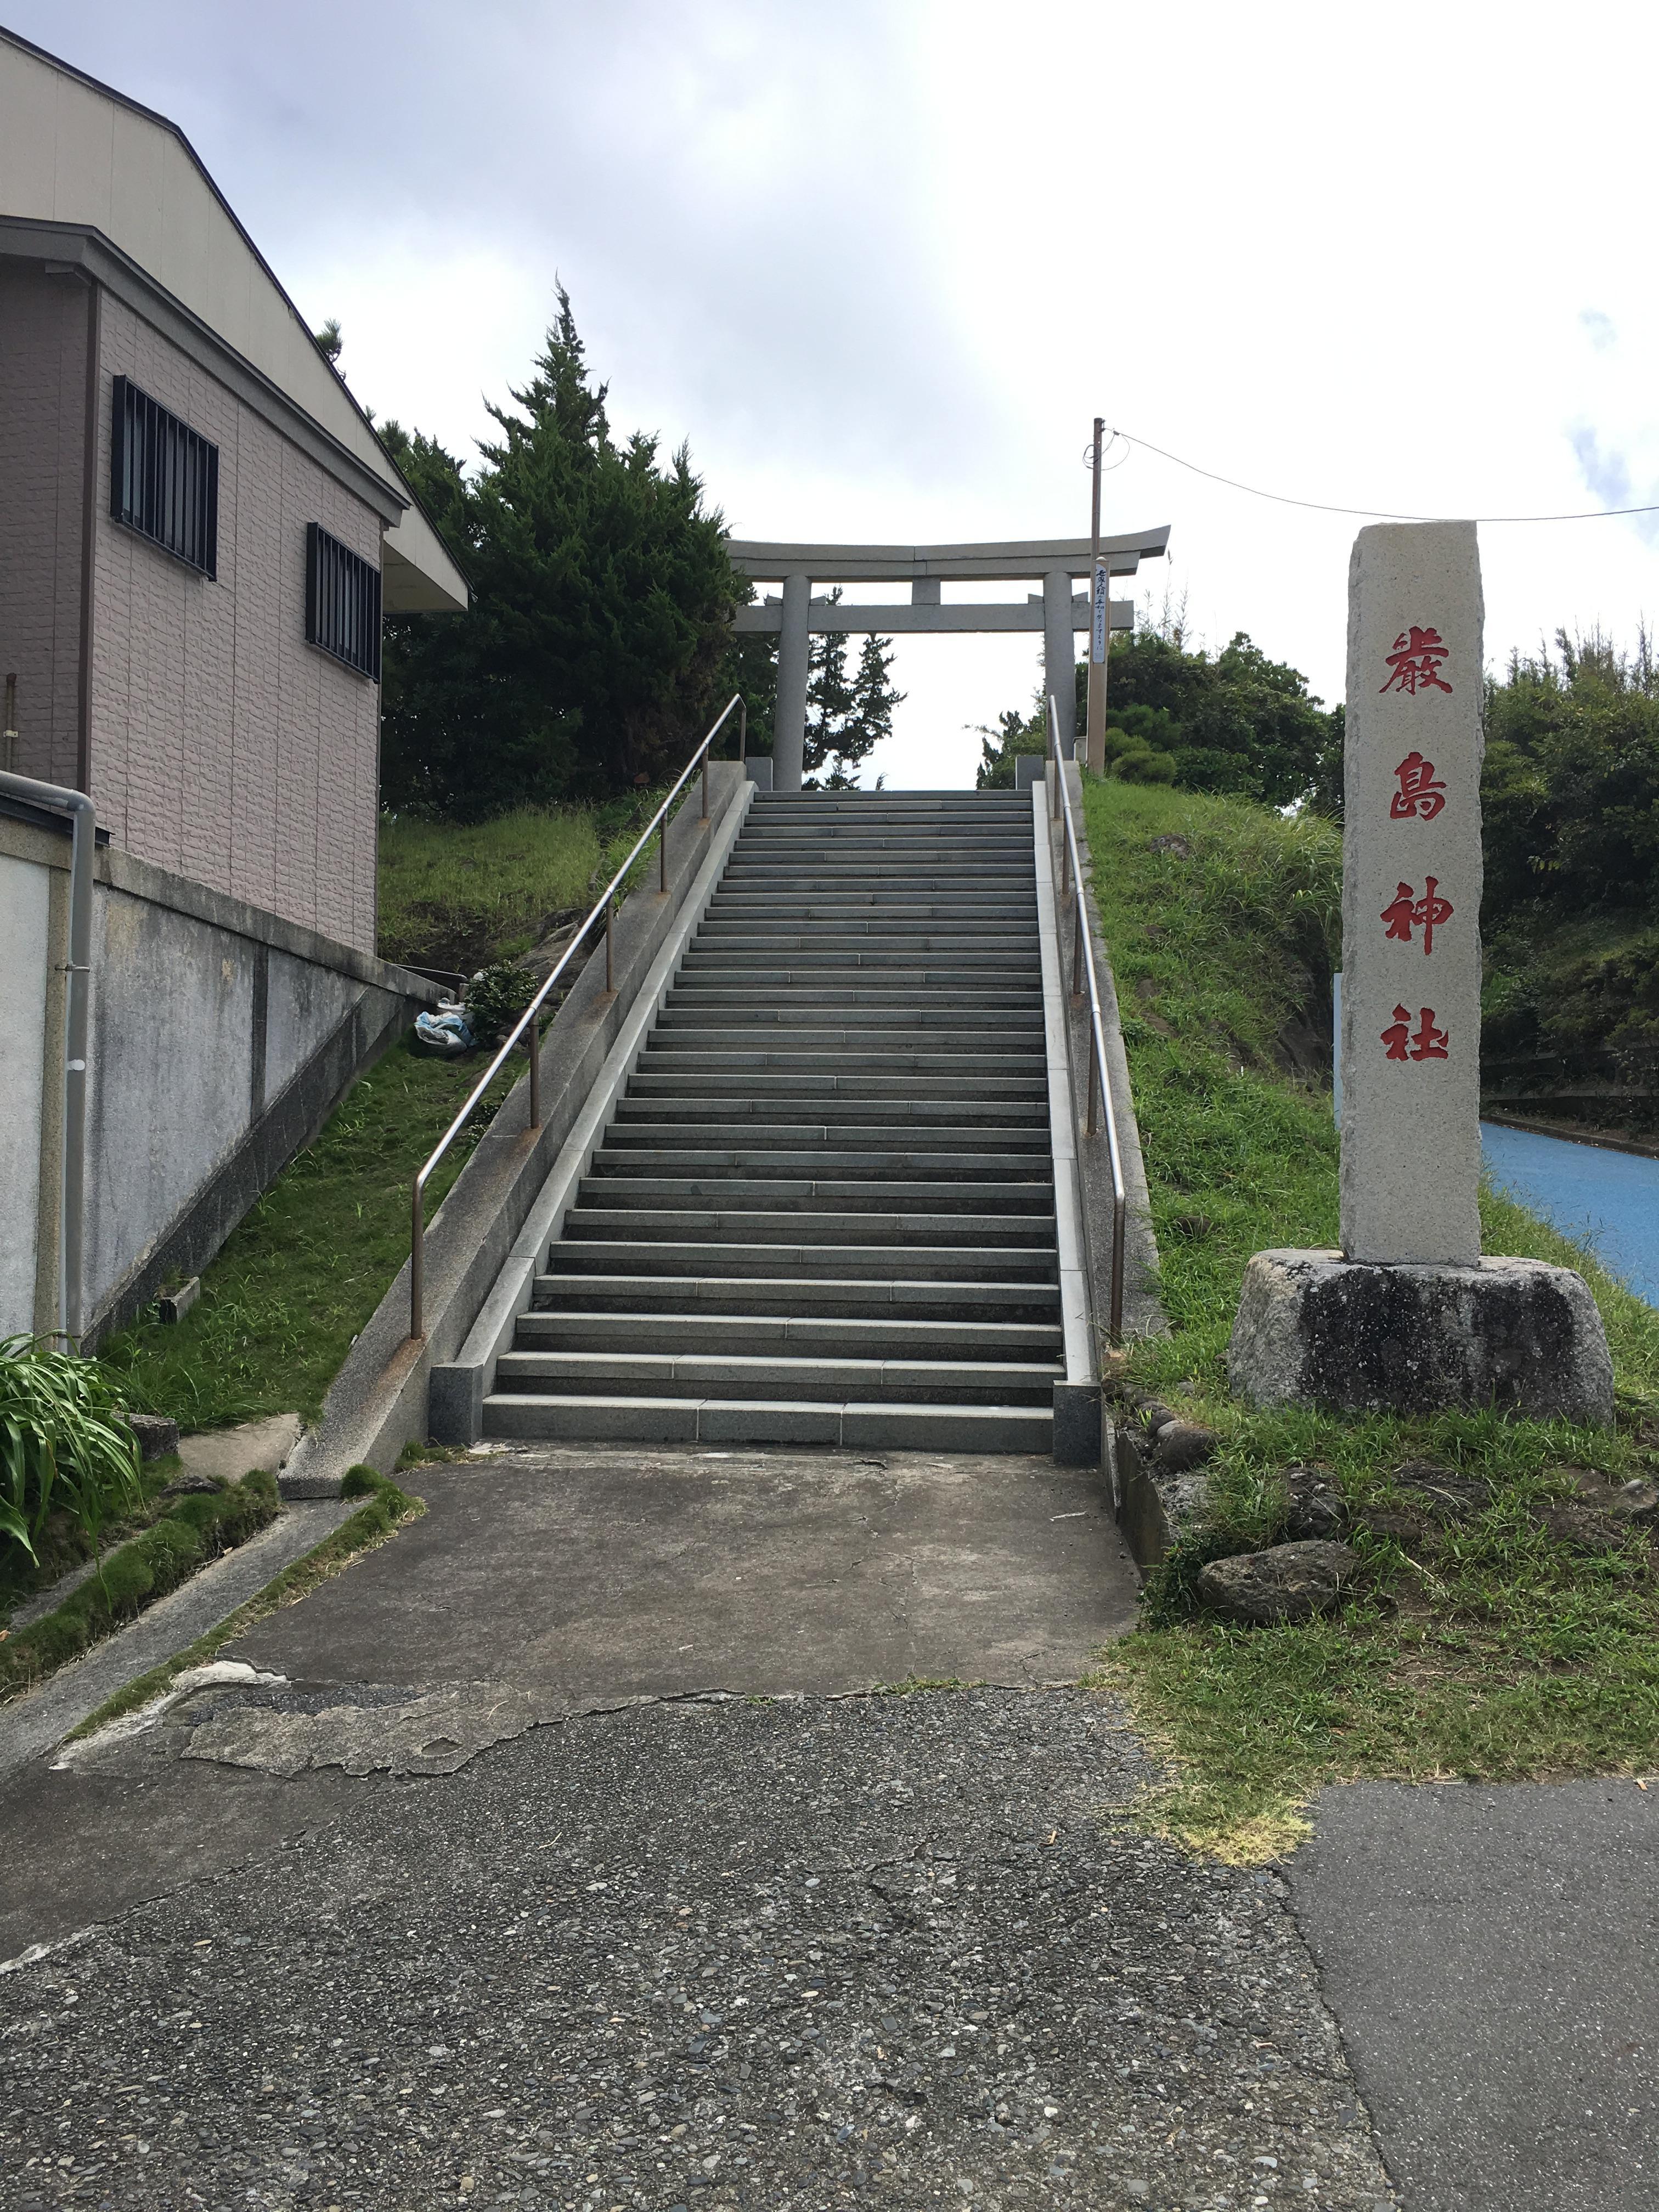 嚴島神社のその他建物(千葉県千倉駅)